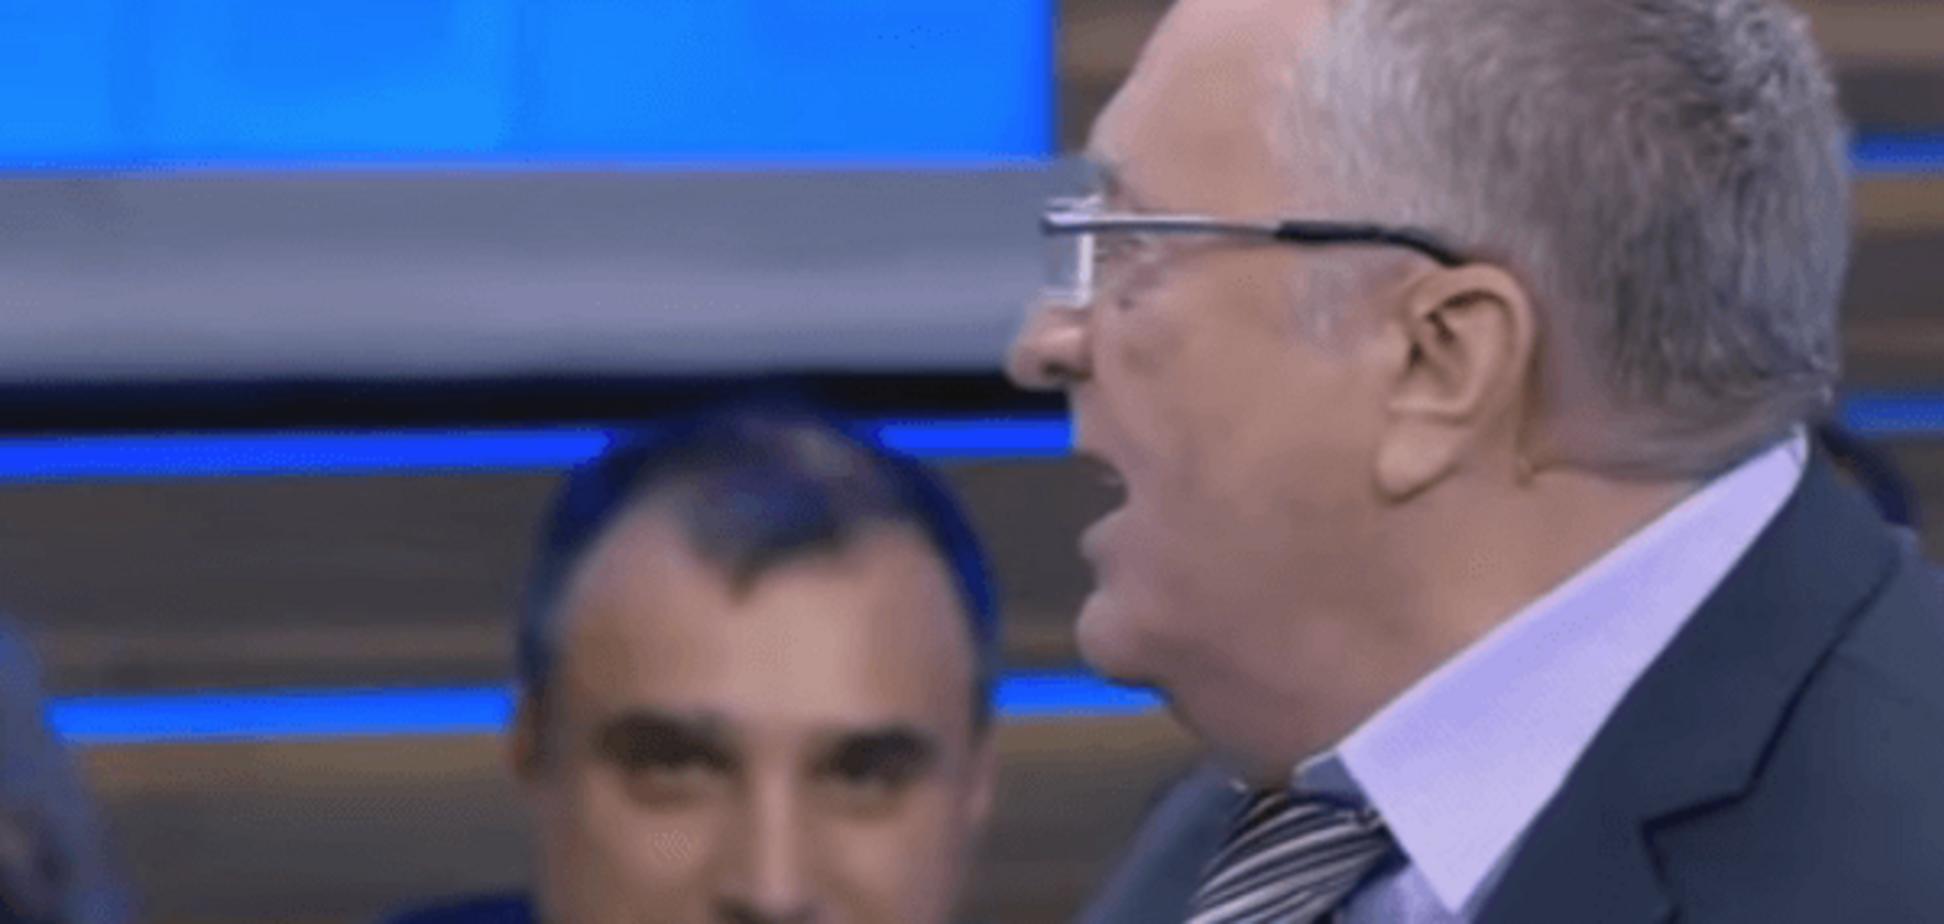 На подтанцовке у клоуна: сбежавший луганский сепаратист Клинчаев 'всплыл' на эфире Жириновского. Видеофакт